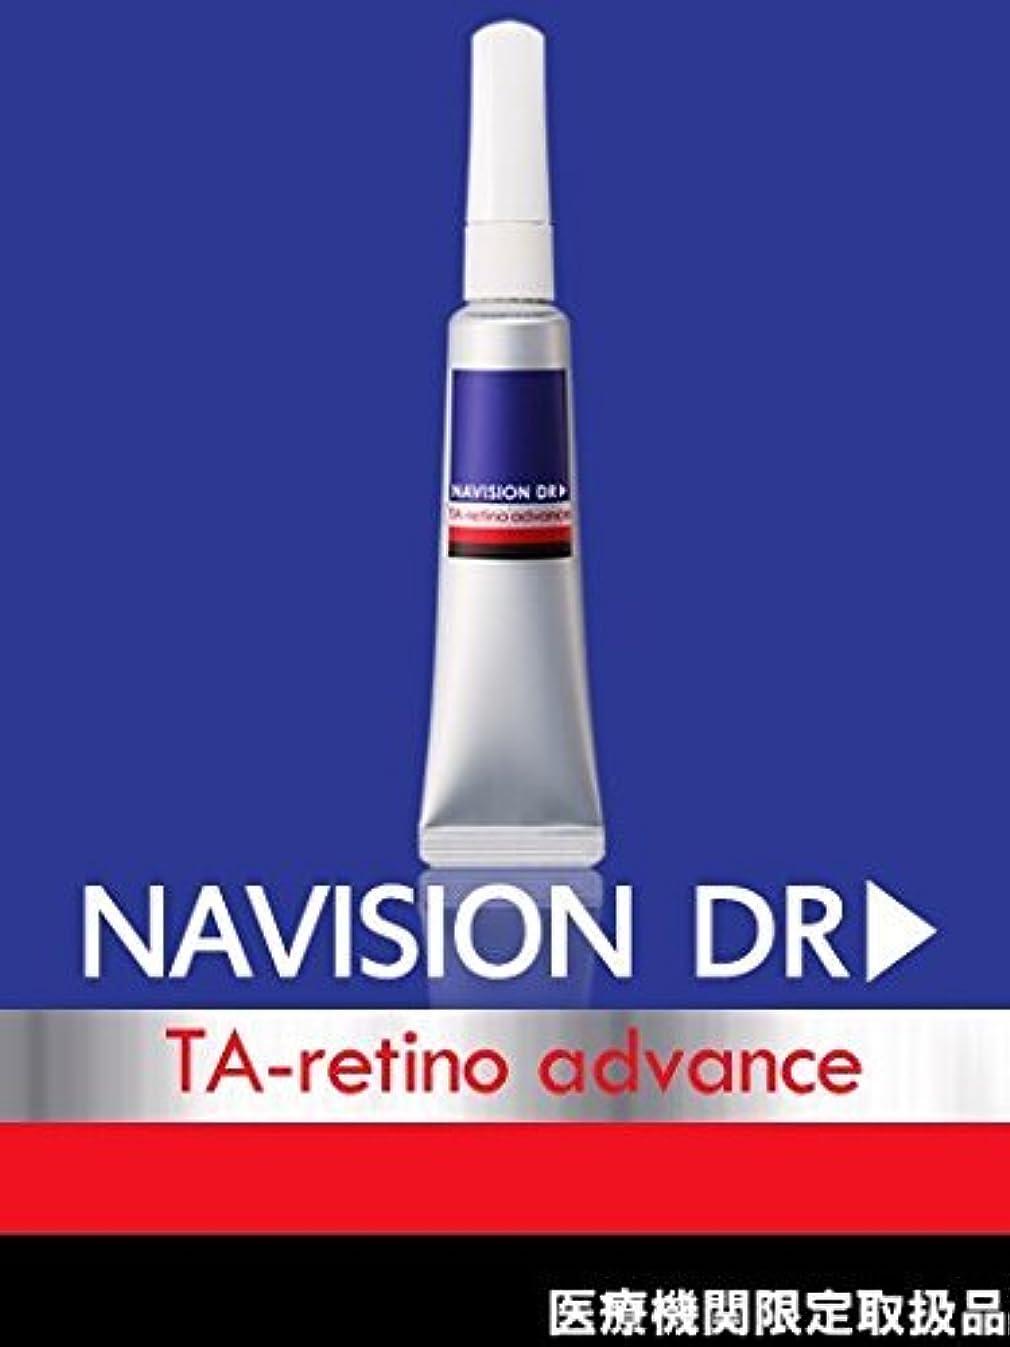 曲げる恐ろしいです平行NAVISION DR? ナビジョンDR TAレチノアドバンス(医薬部外品) 15g 【医療機関限定取扱品】